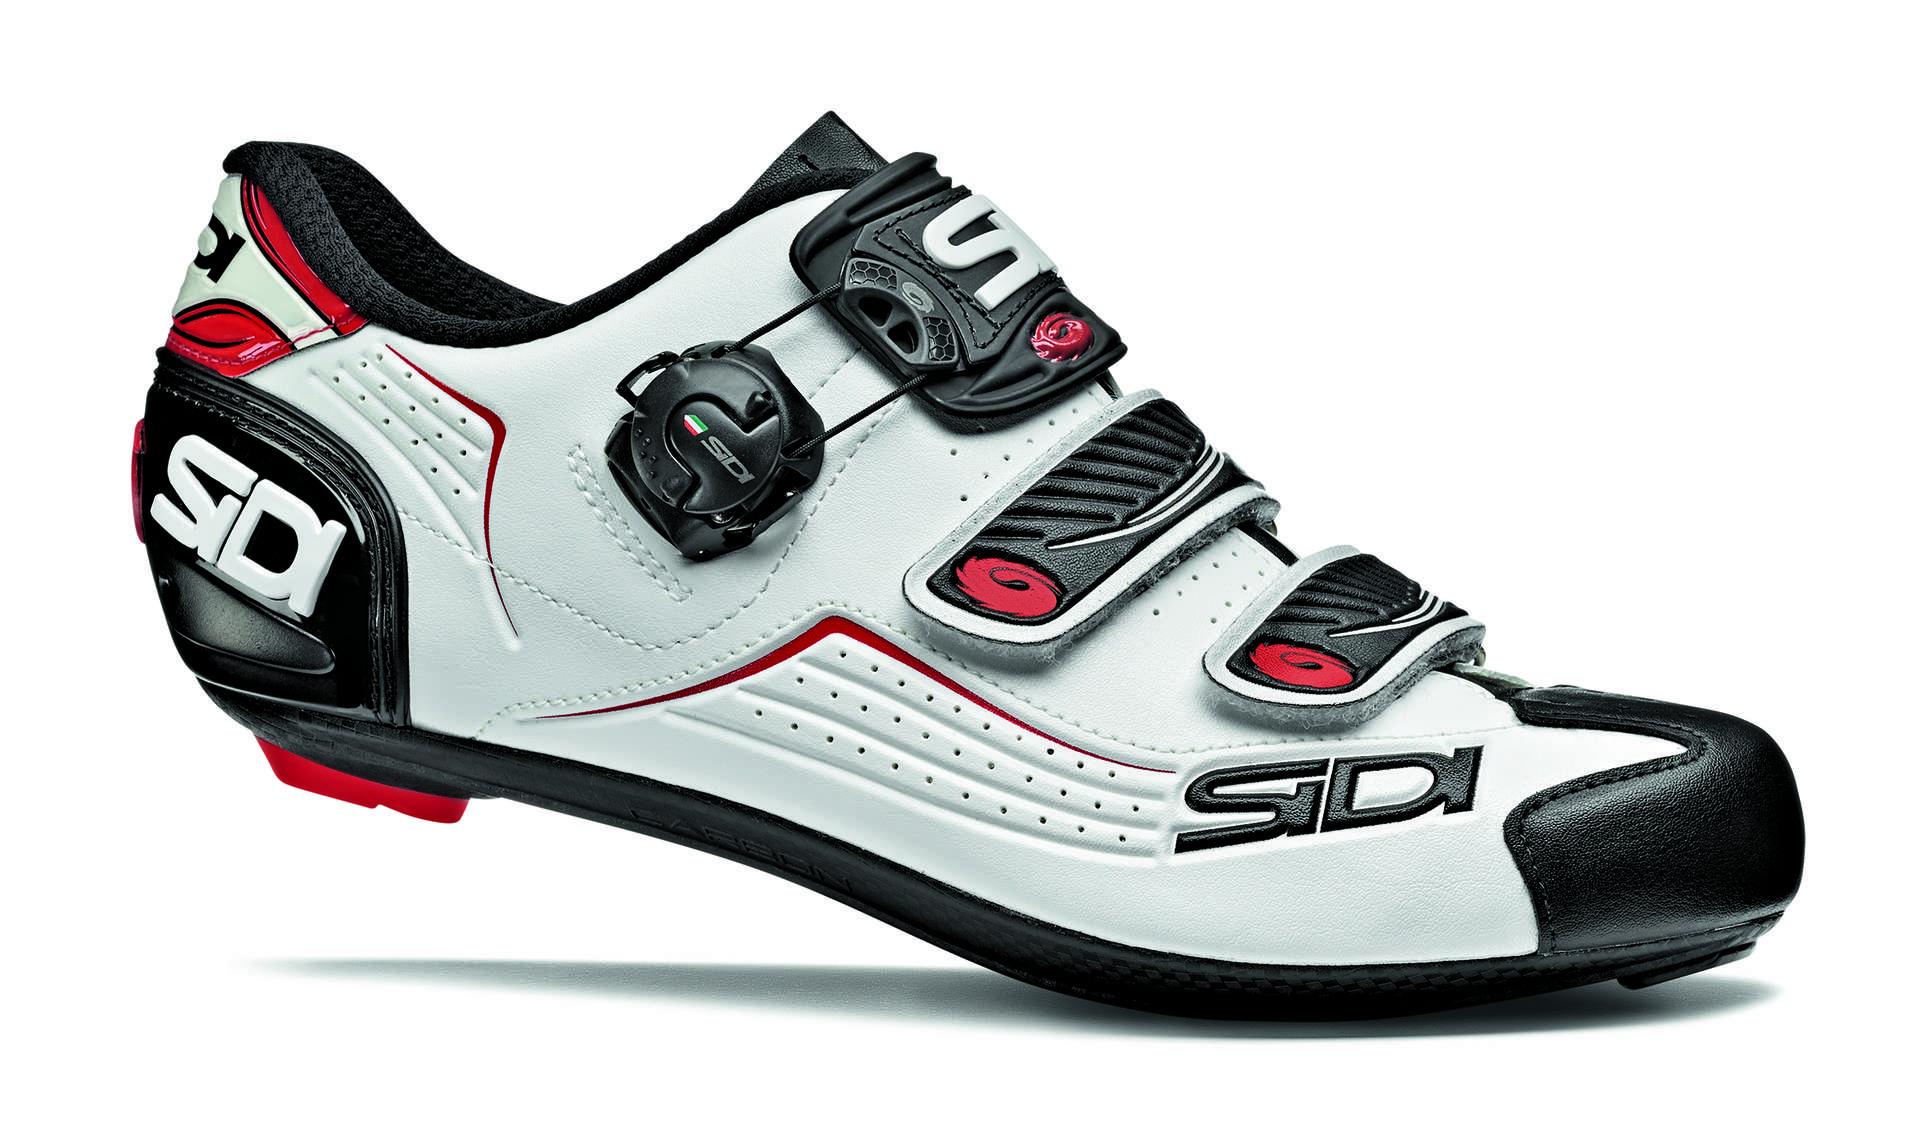 Chaussures Blanc Sidi Avec Des Hommes De Fermeture Velcro kQD8DaFZs